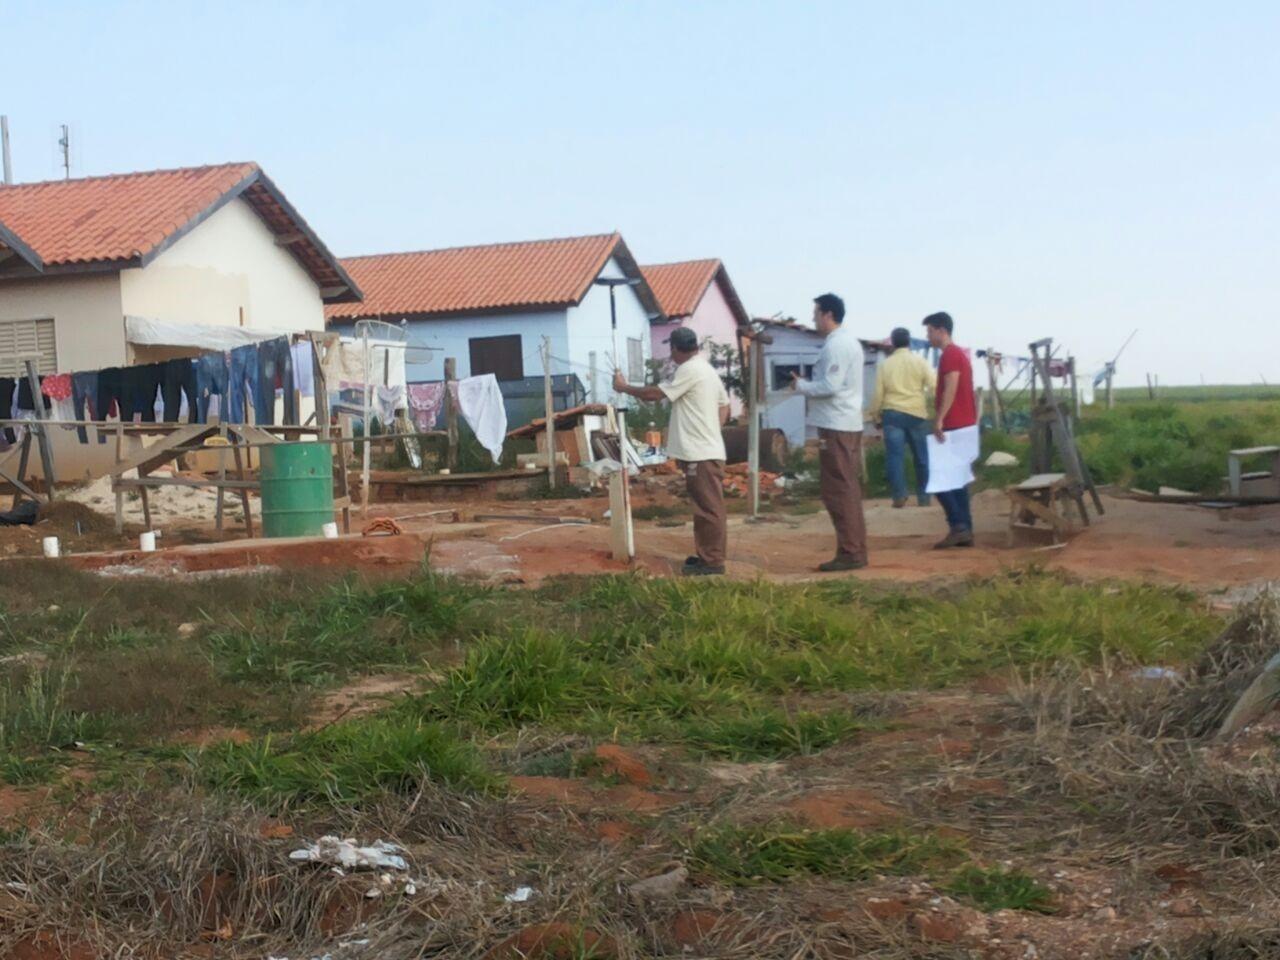 Parceria com Itesp regulariza áreas no Bairro Pedra Branca em Itararé (SP)